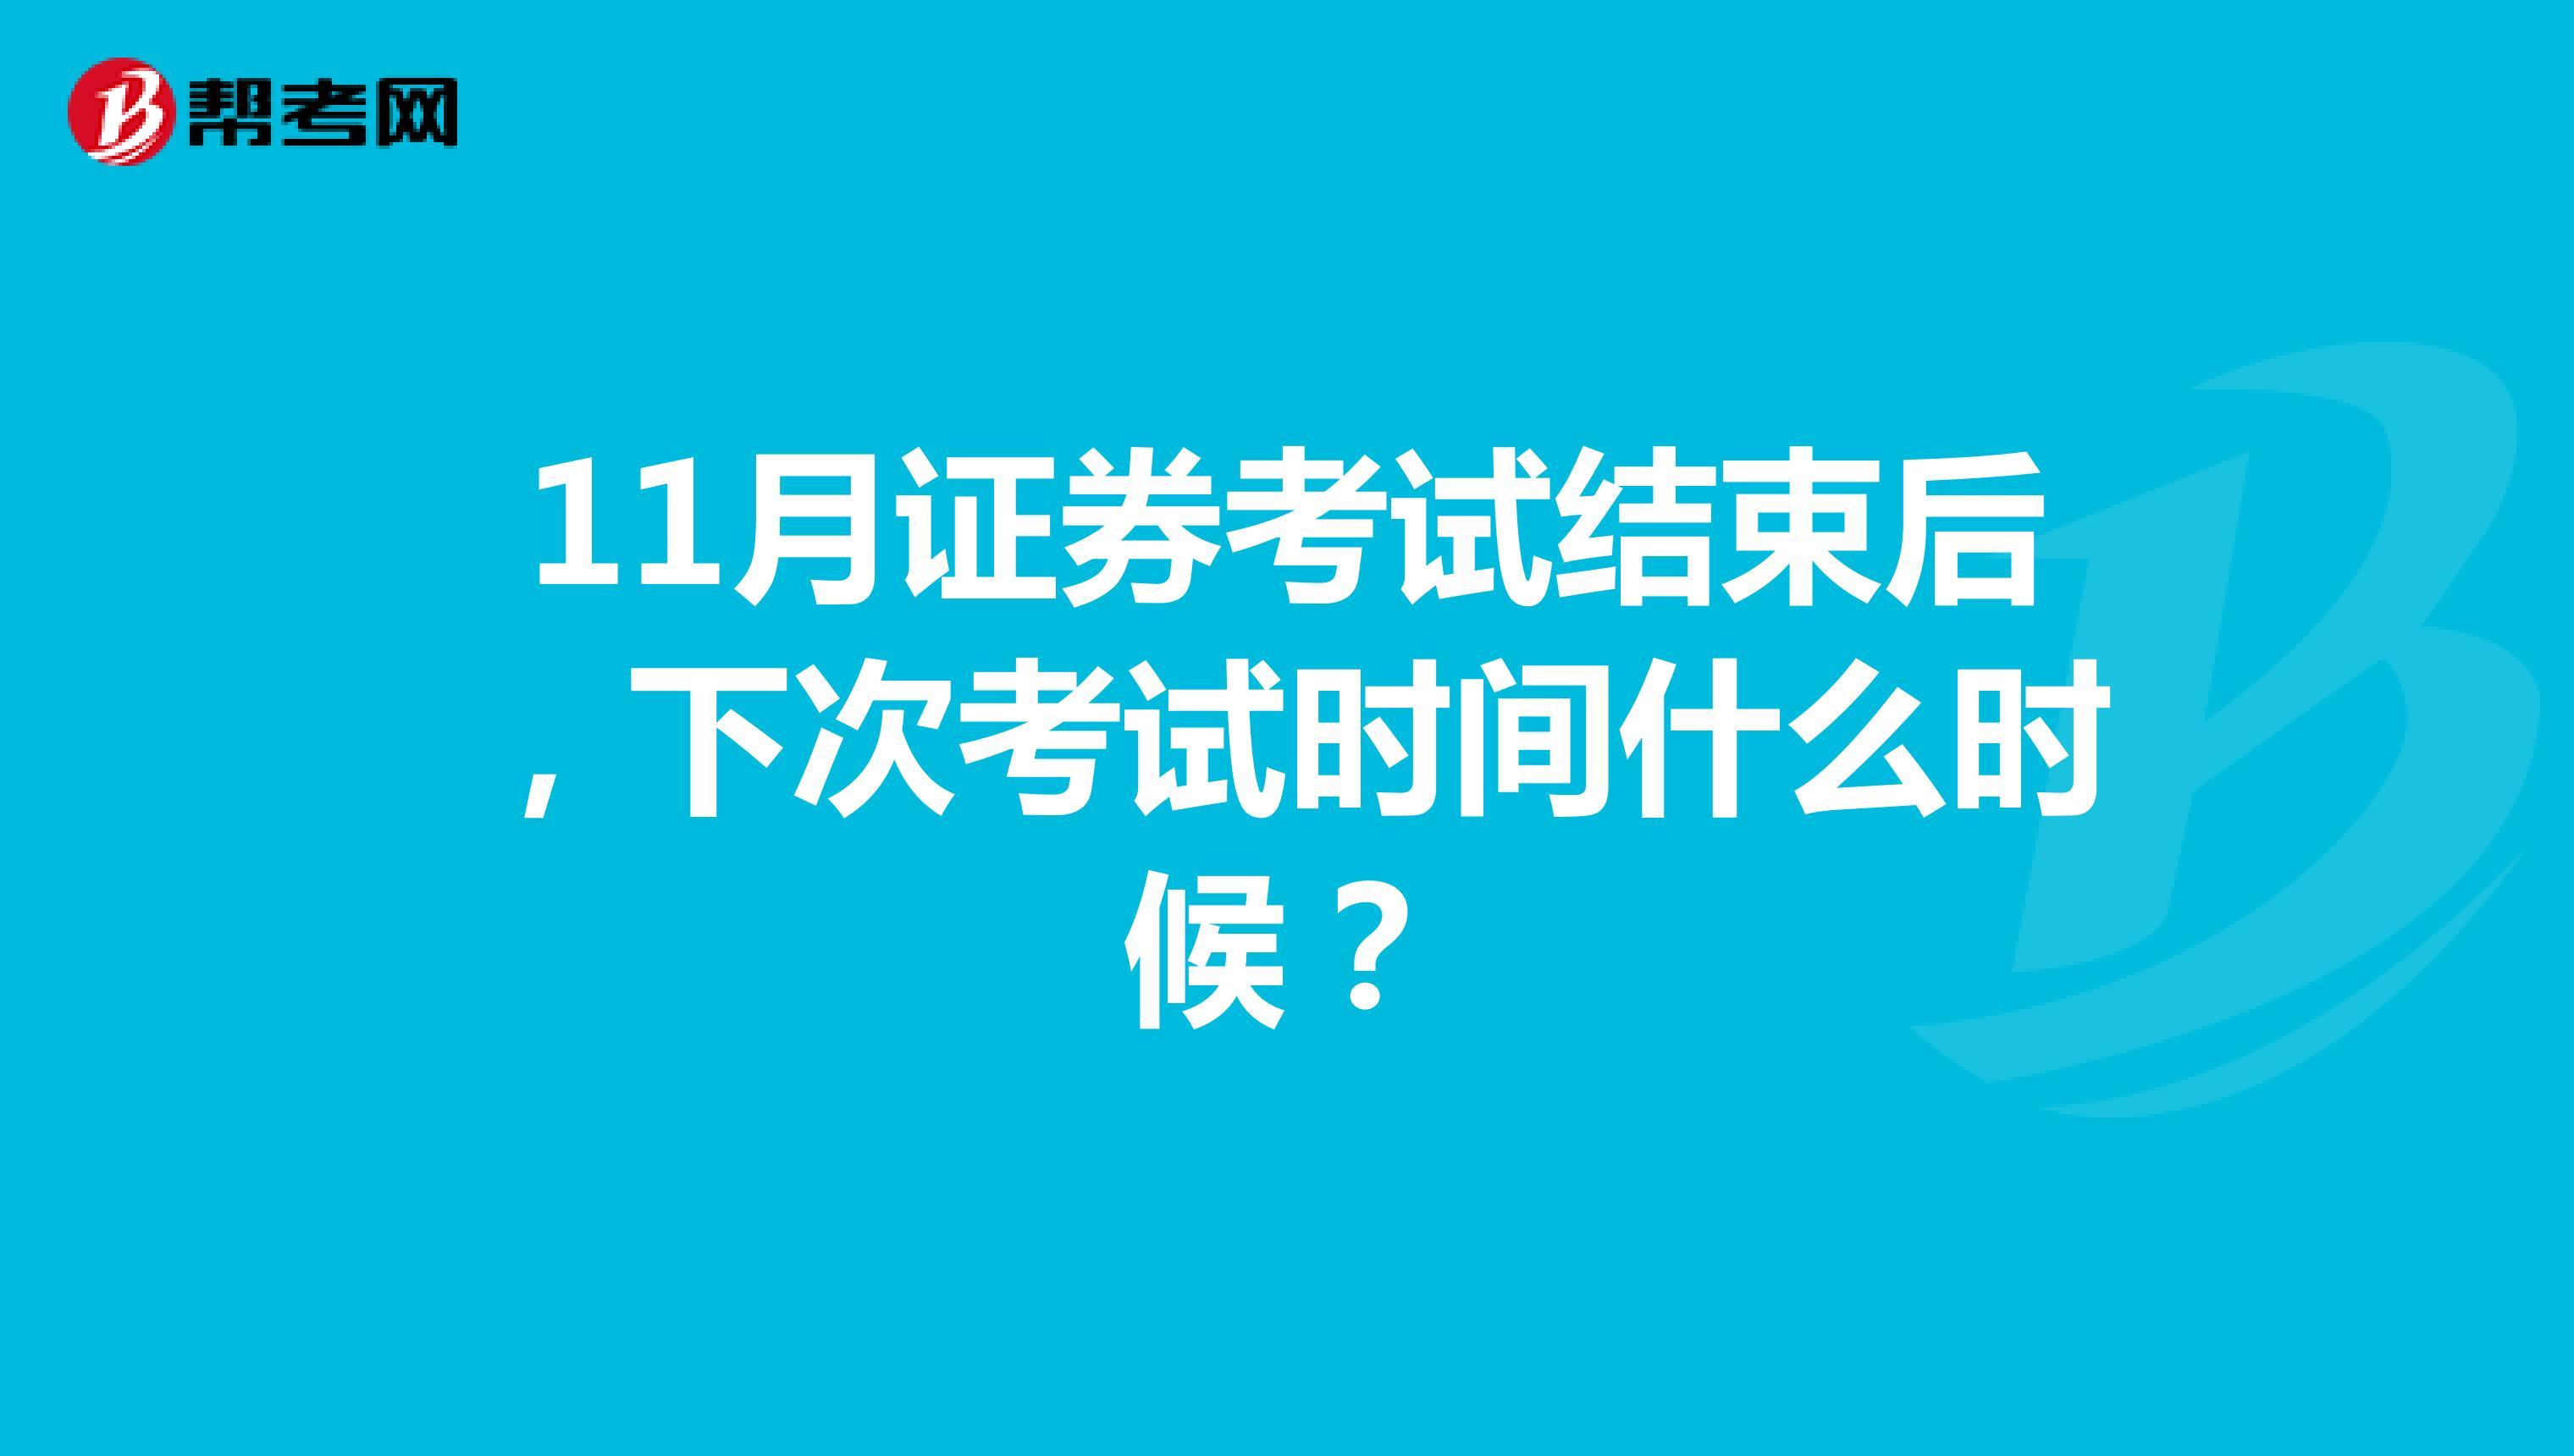 11月證券考試結束后,下次考試時間什么時候?